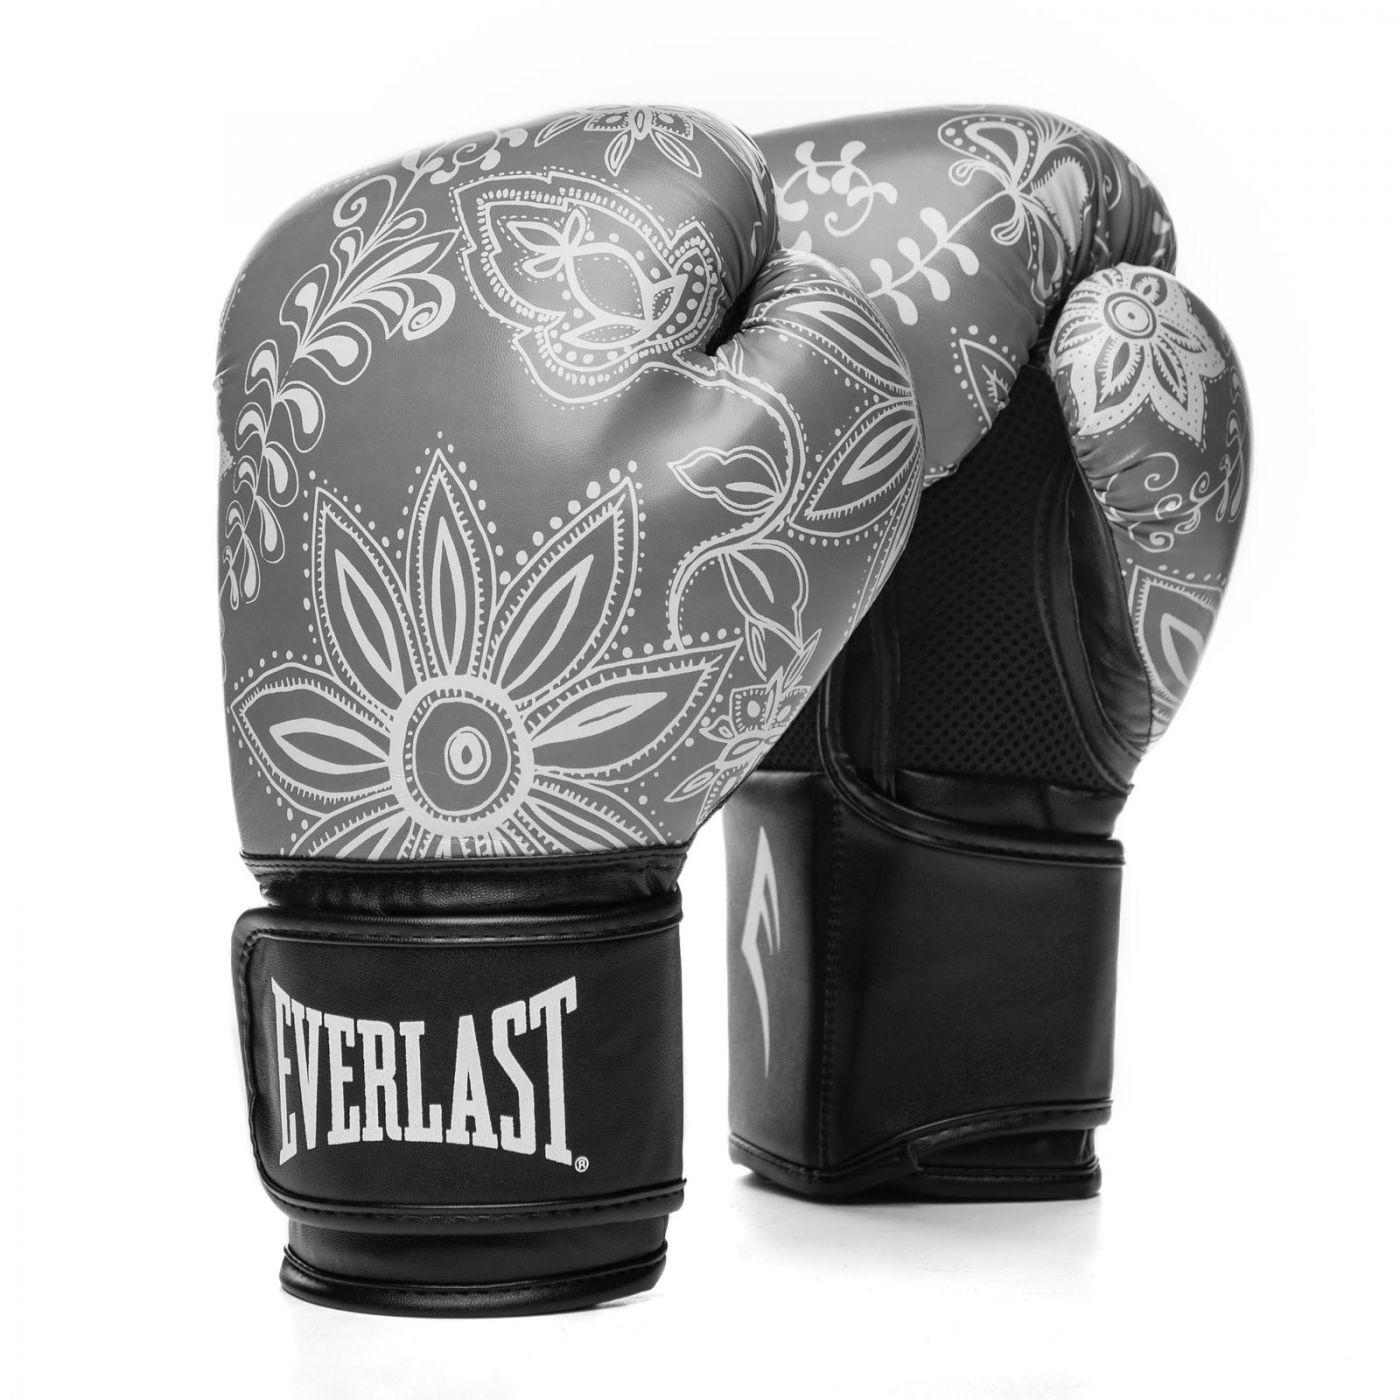 Перчатки тренировочные Everlast  Spark 10oz сер. узор, артикул P00002417